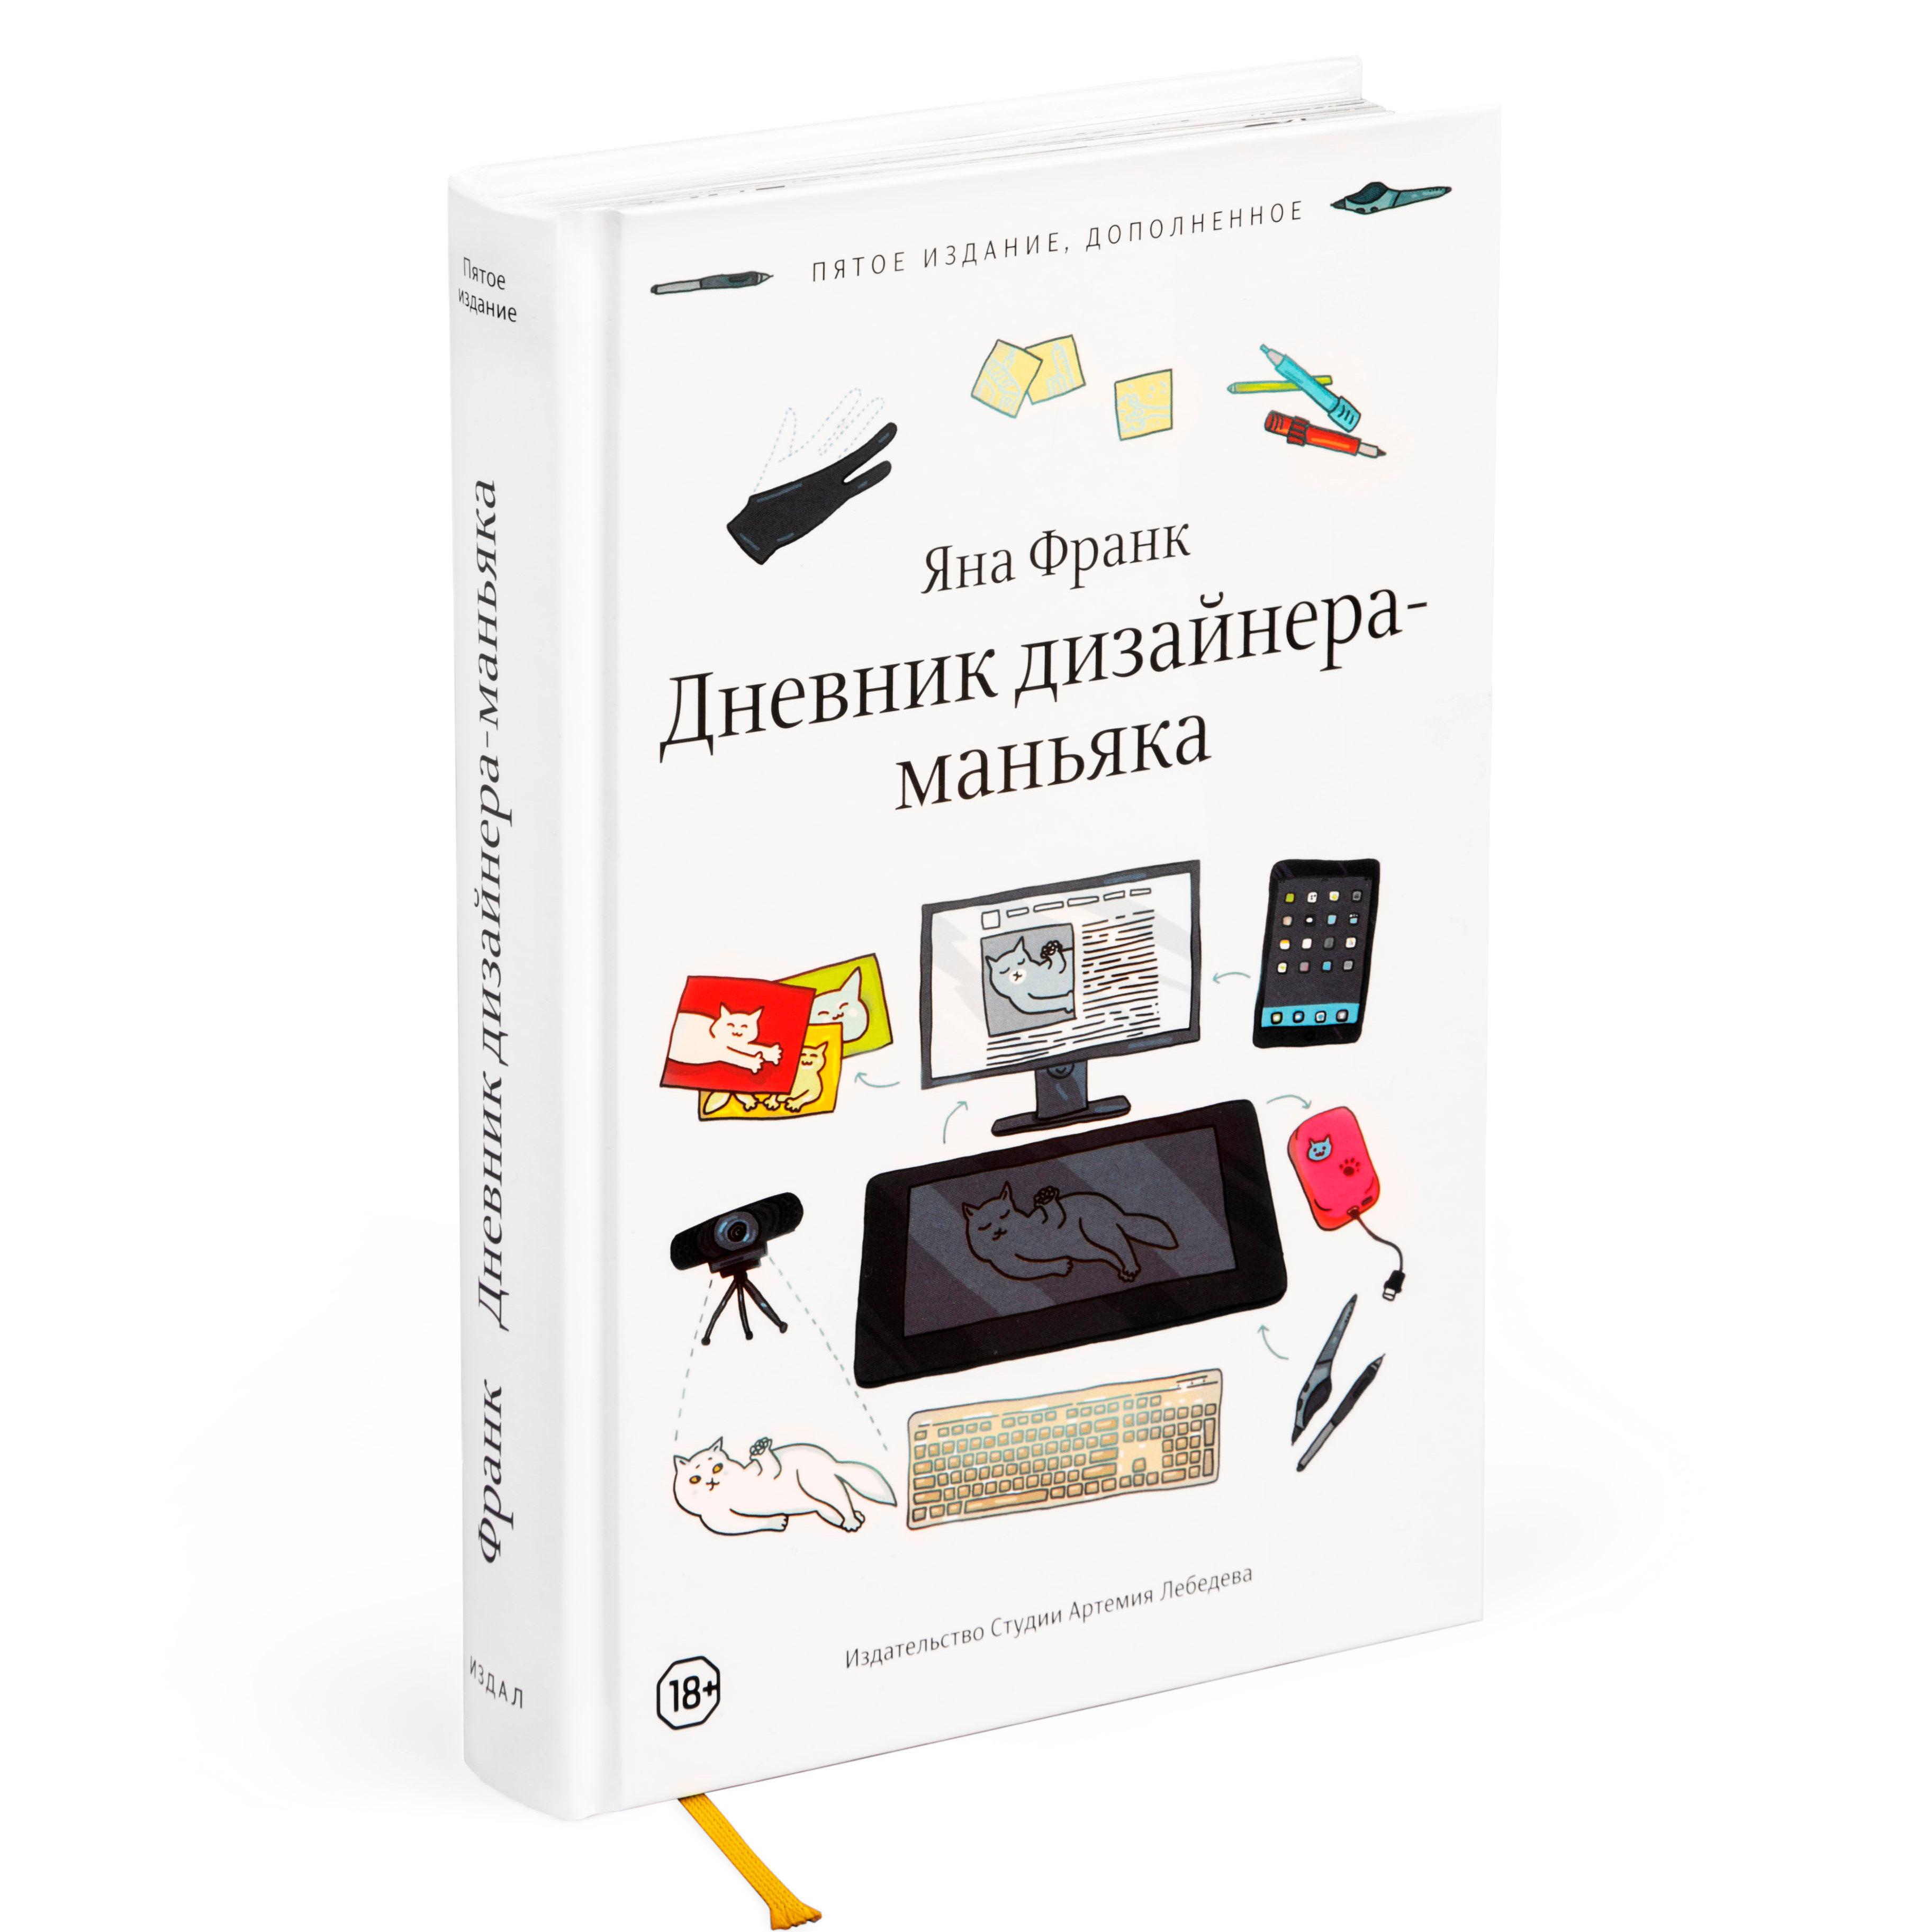 """Книга Яны Франк """"Дневник дизайнера-маньяка"""" с автографом автора 00812"""